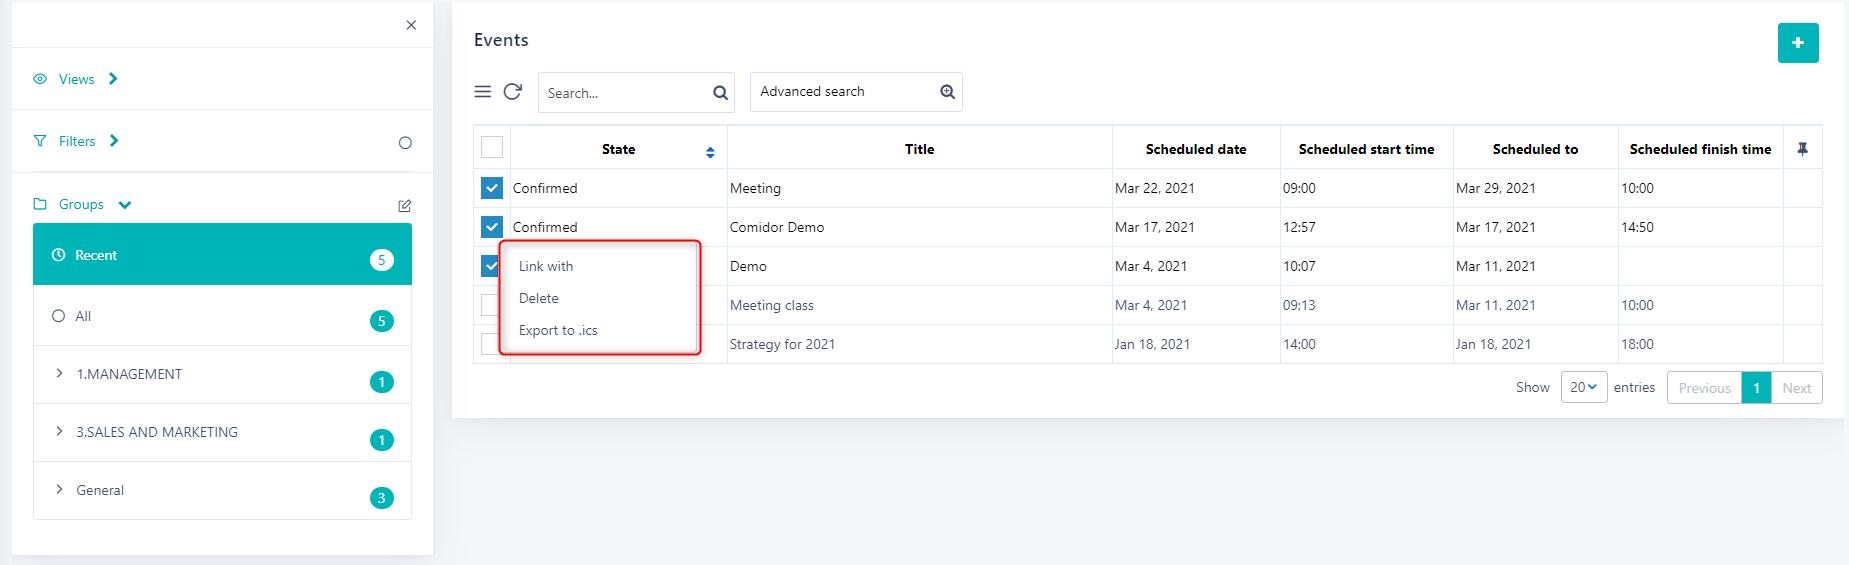 Manage multiple events v.6  Comidor Platform